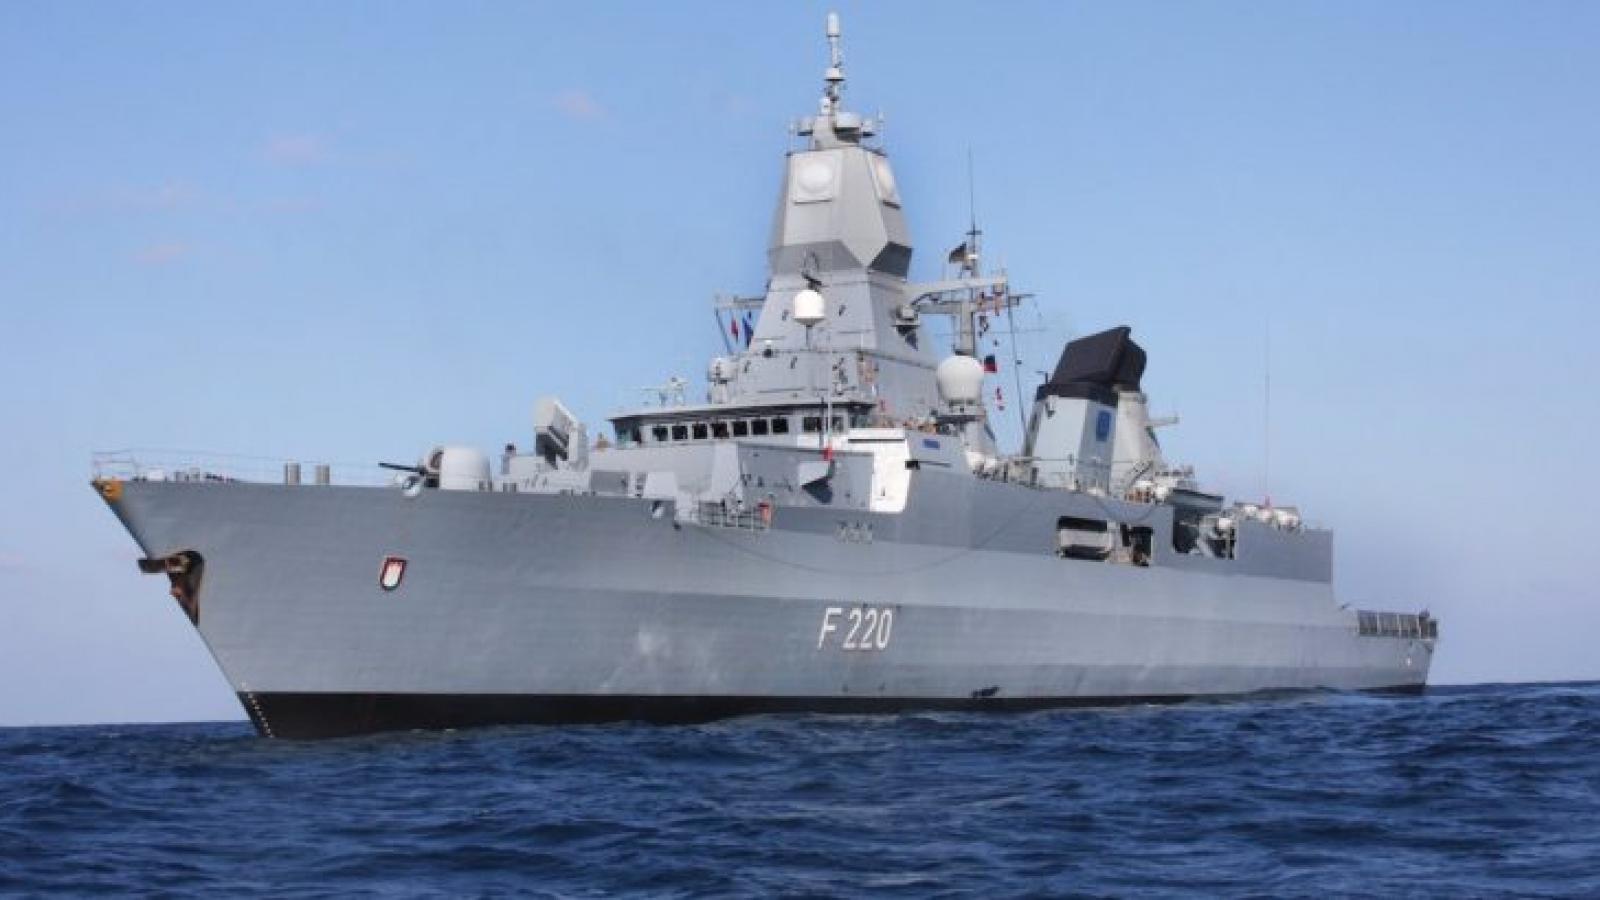 Tàu chiến Đức sẽ lần đầu tiên trở lại Biển Đông kể từ năm 2002